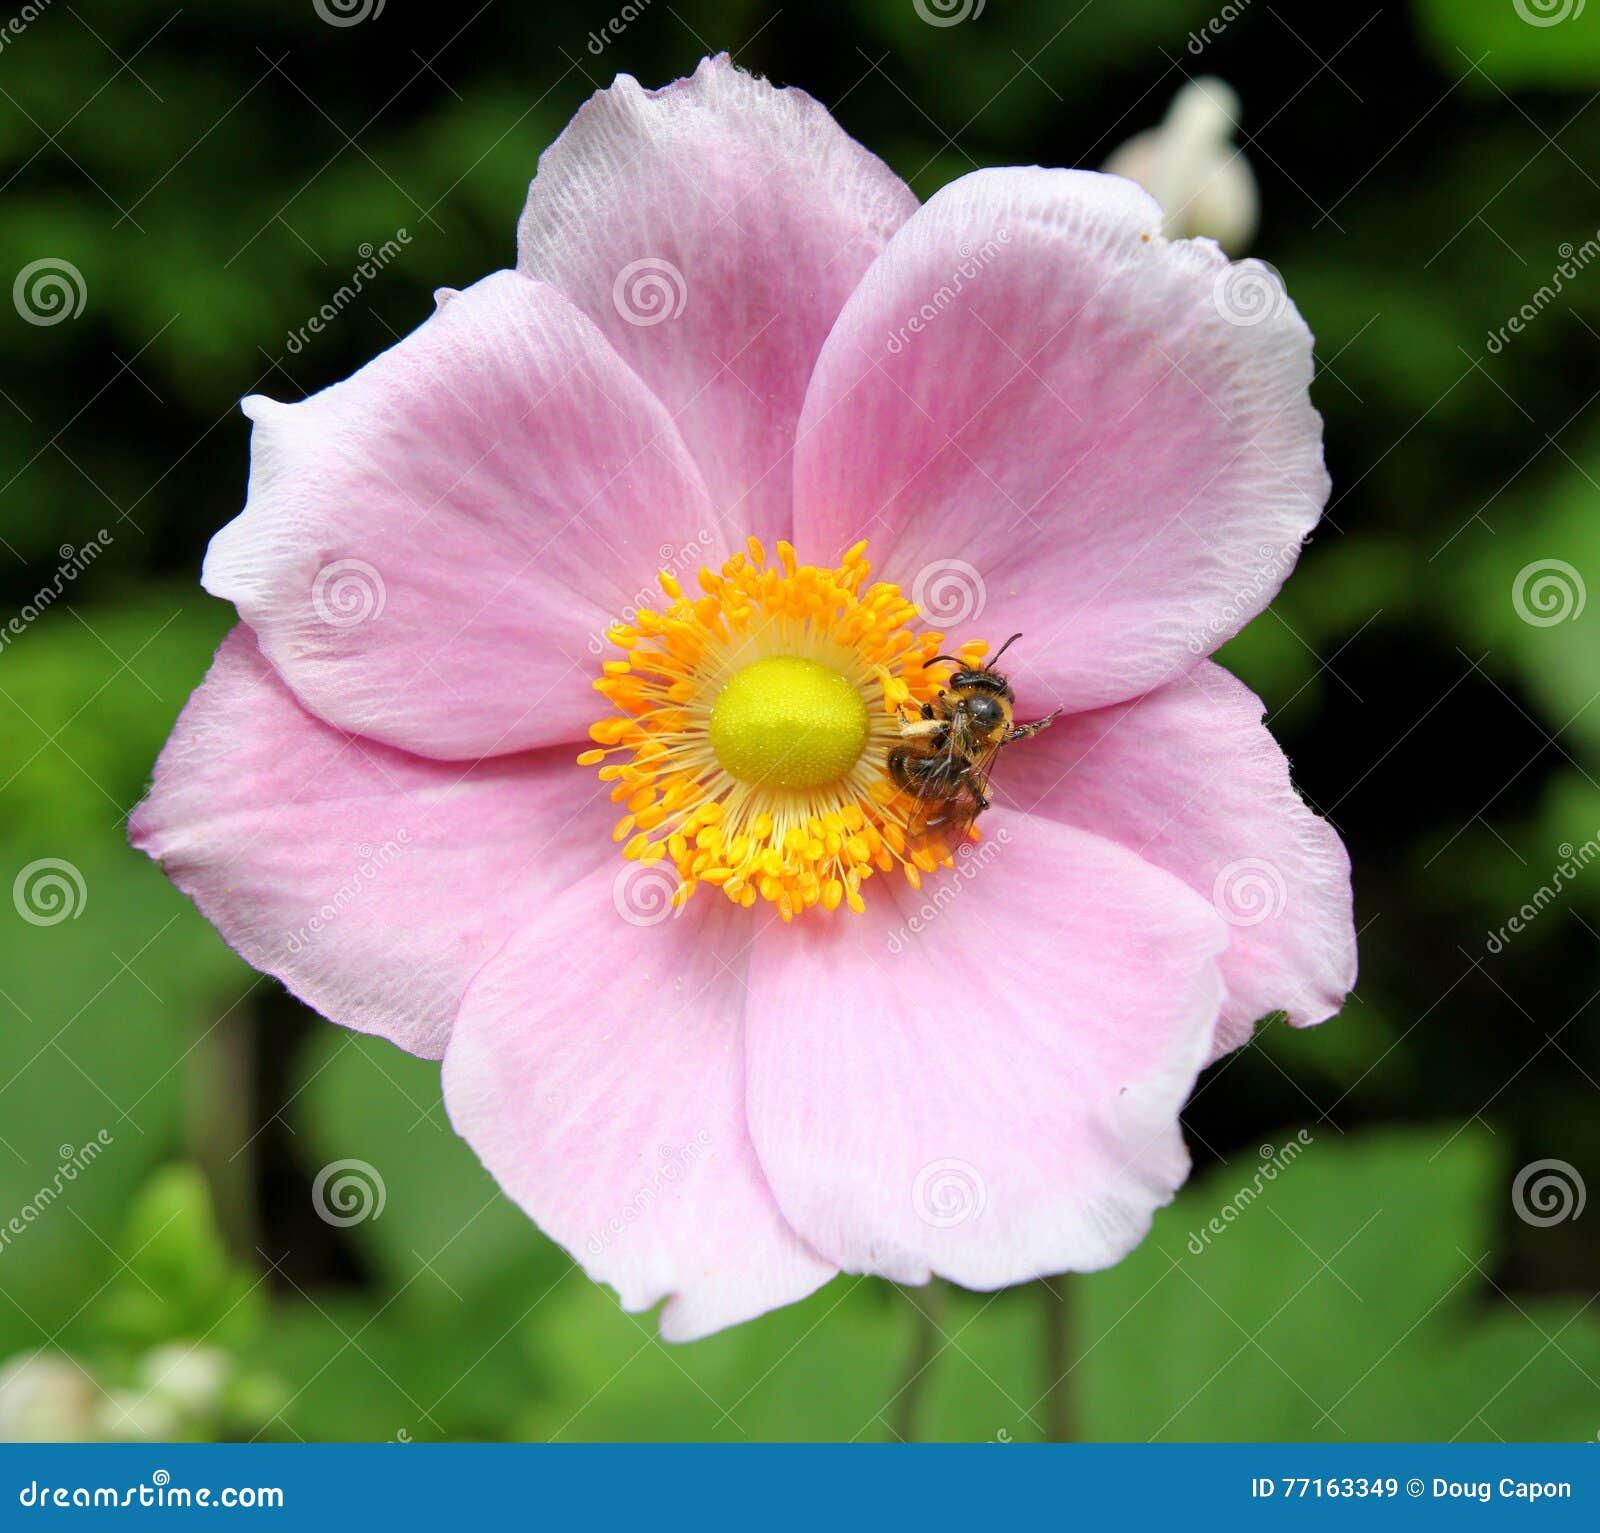 Anémone et abeille japonaises roses